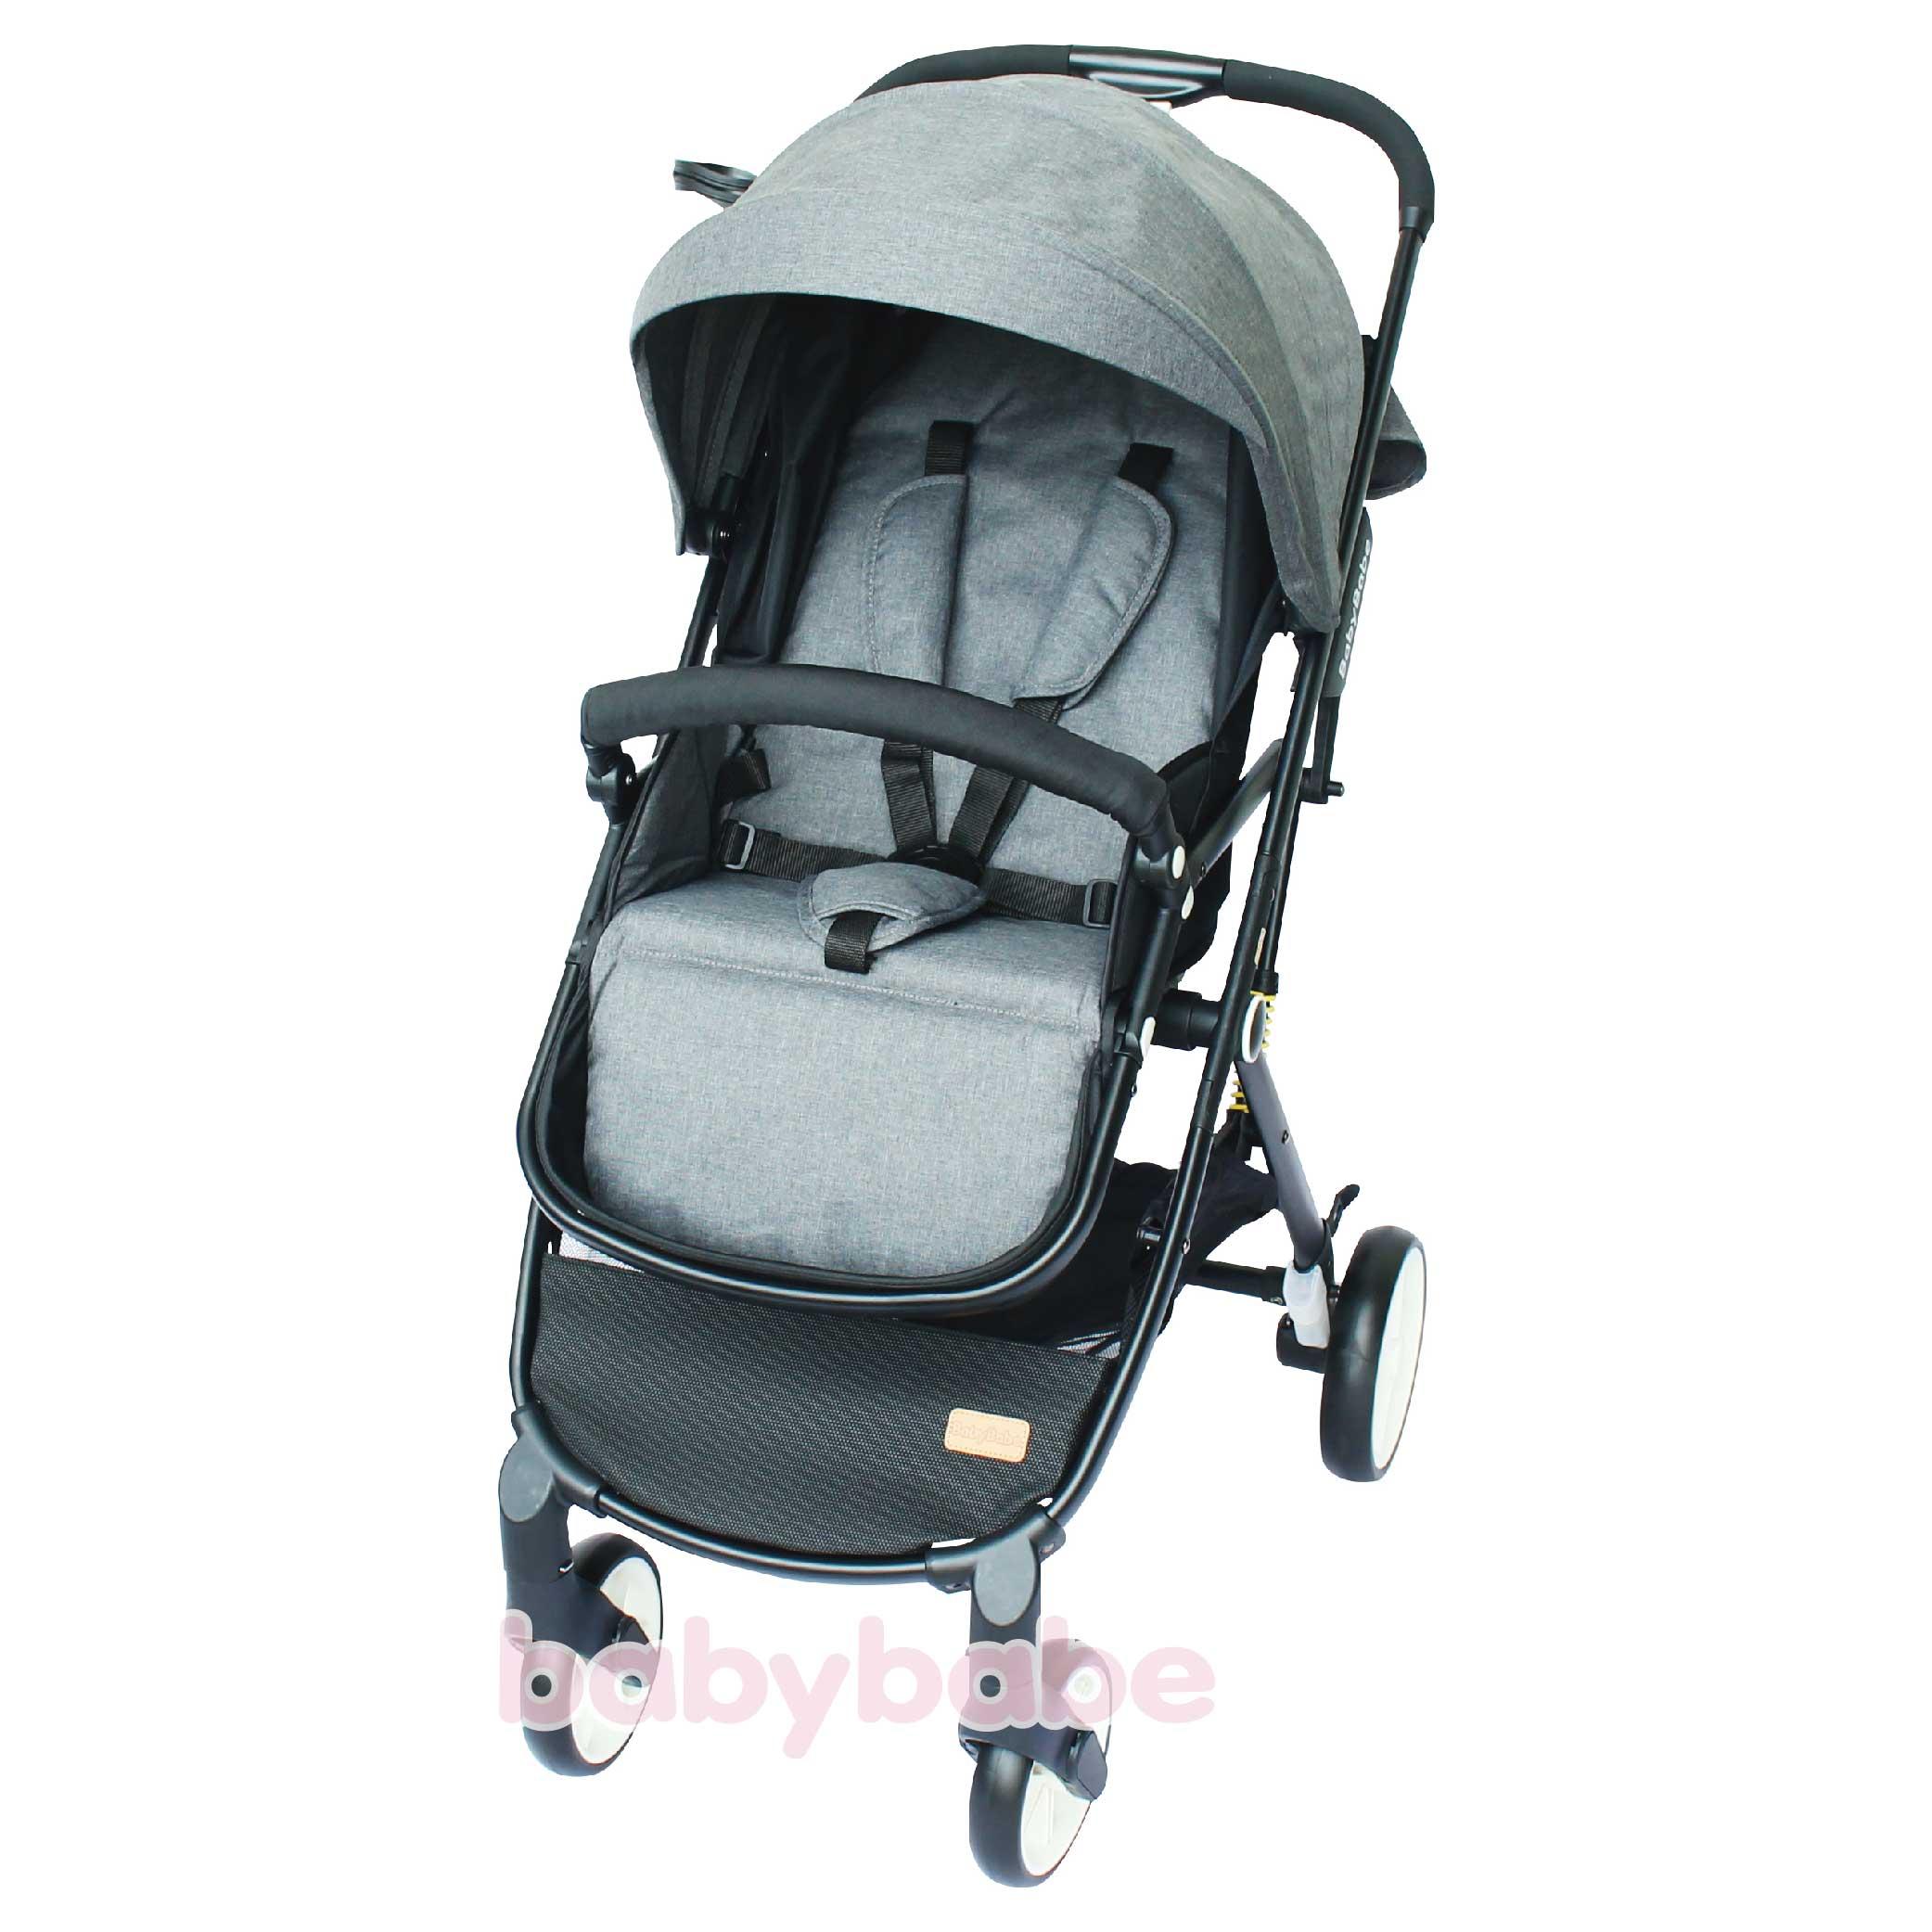 S366嬰幼兒時尚旅行推車-亞麻灰-01